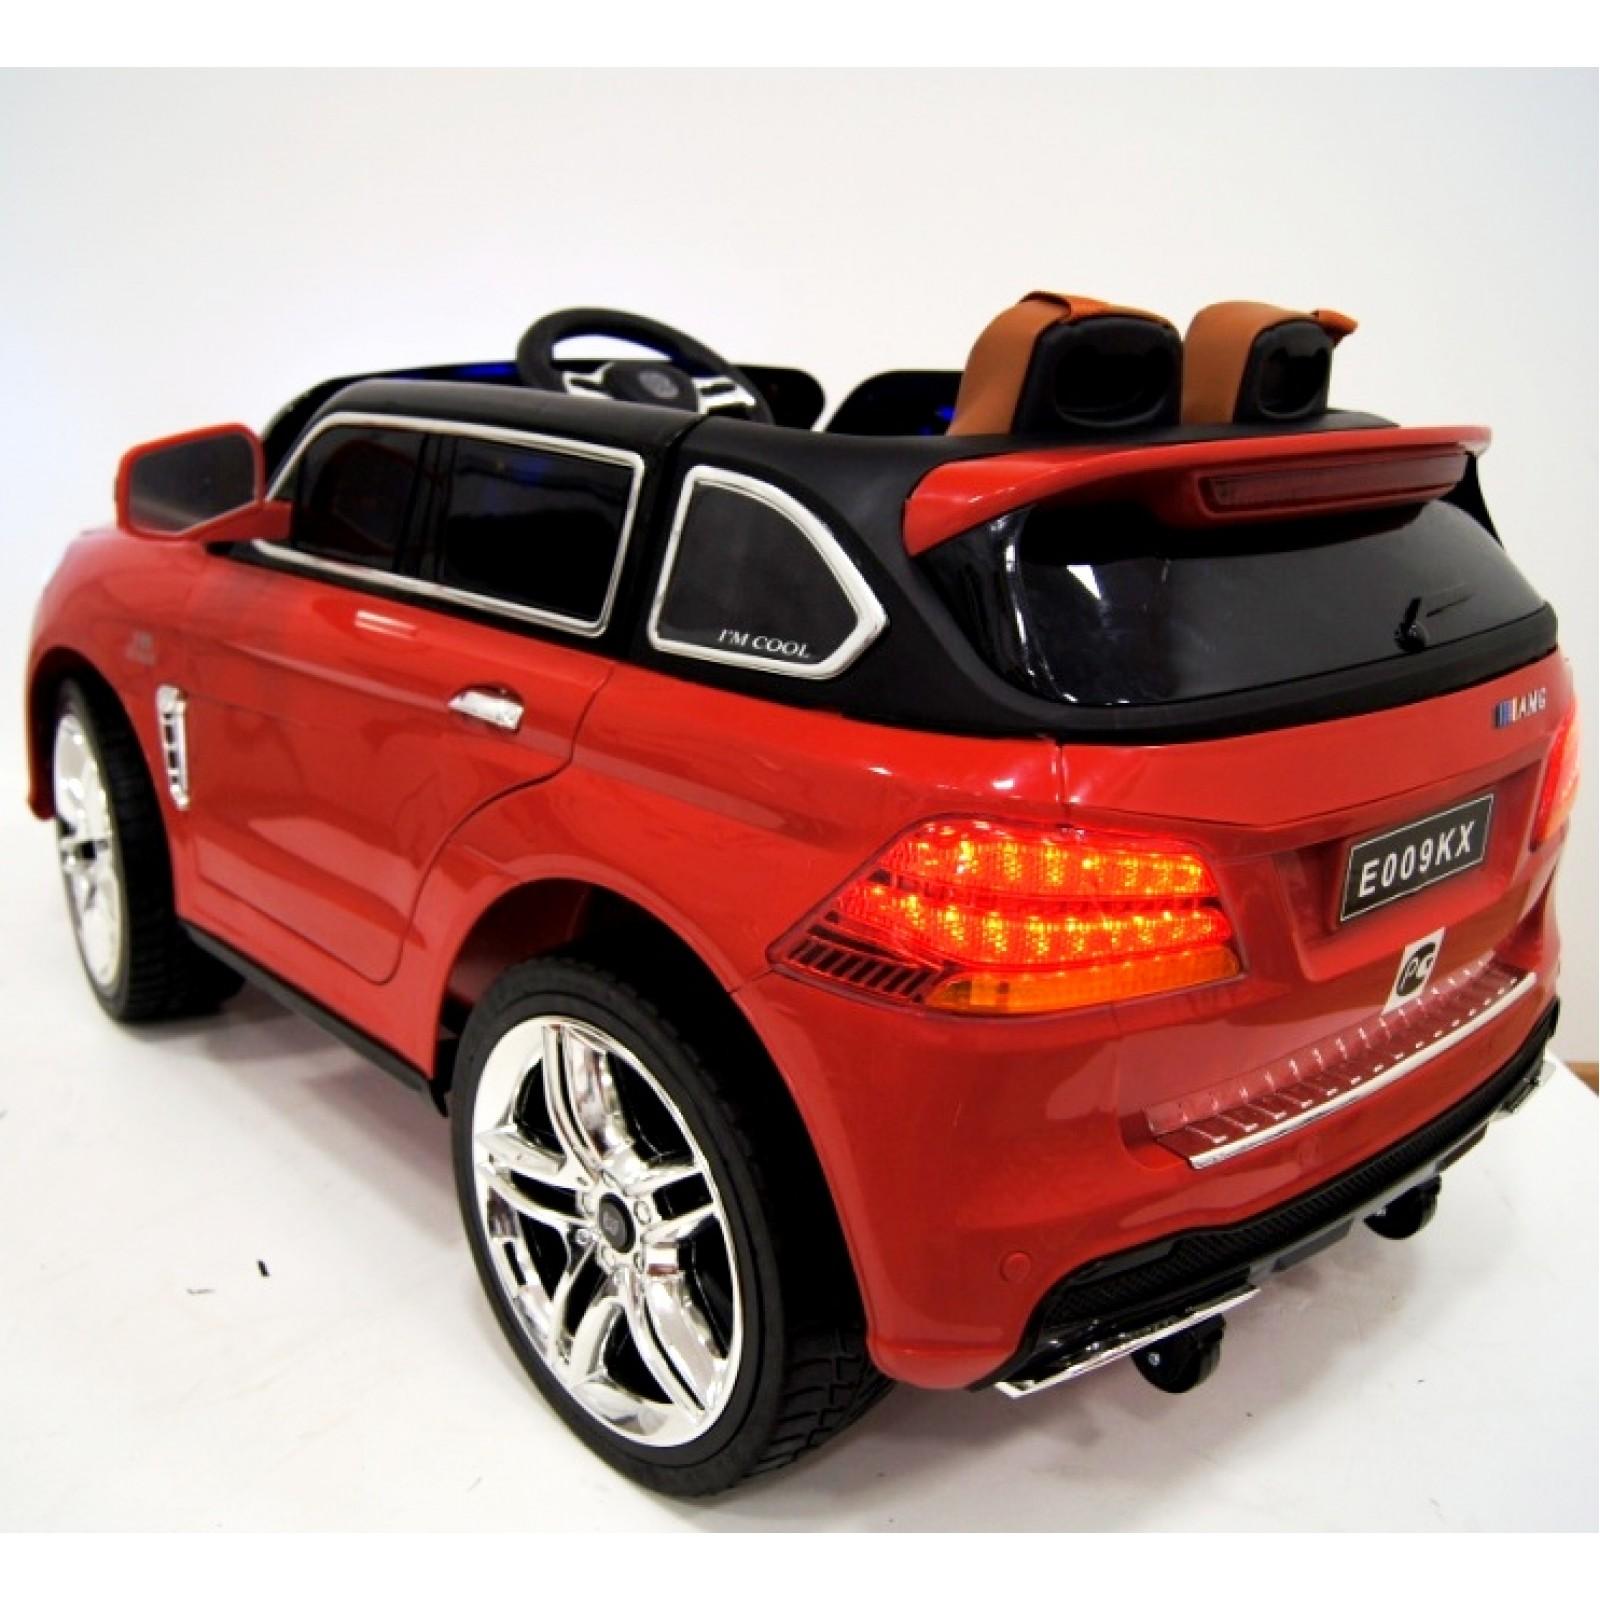 Детский электромобиль Mercedes (E009KX)